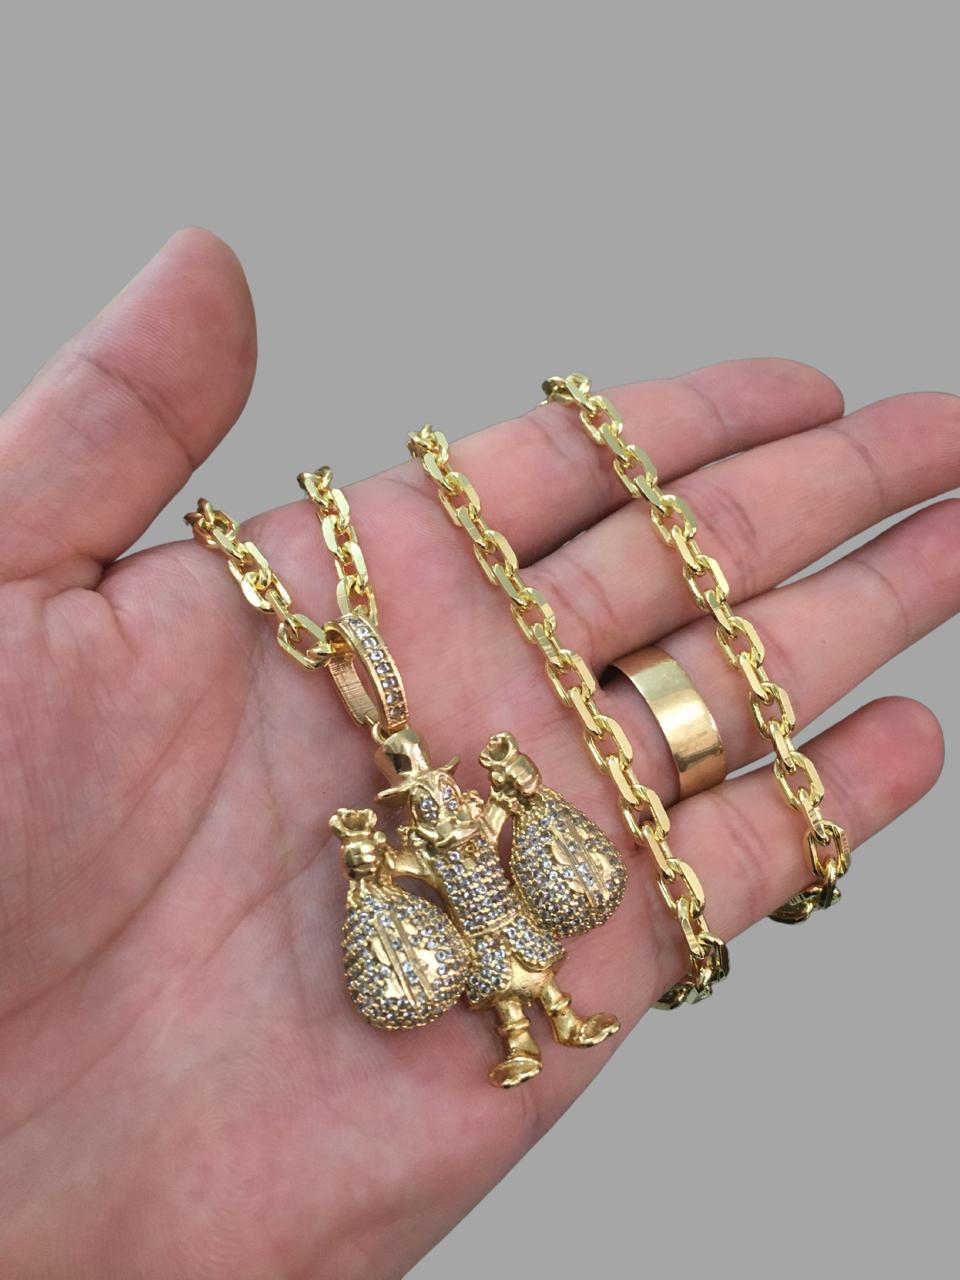 Corrente cadeado - 5 milímetros - 70 centímetros   - fecho canhão Com Pingente Tio Patinhas - Cravejado de Zircônia -Banhados a Ouro 18k